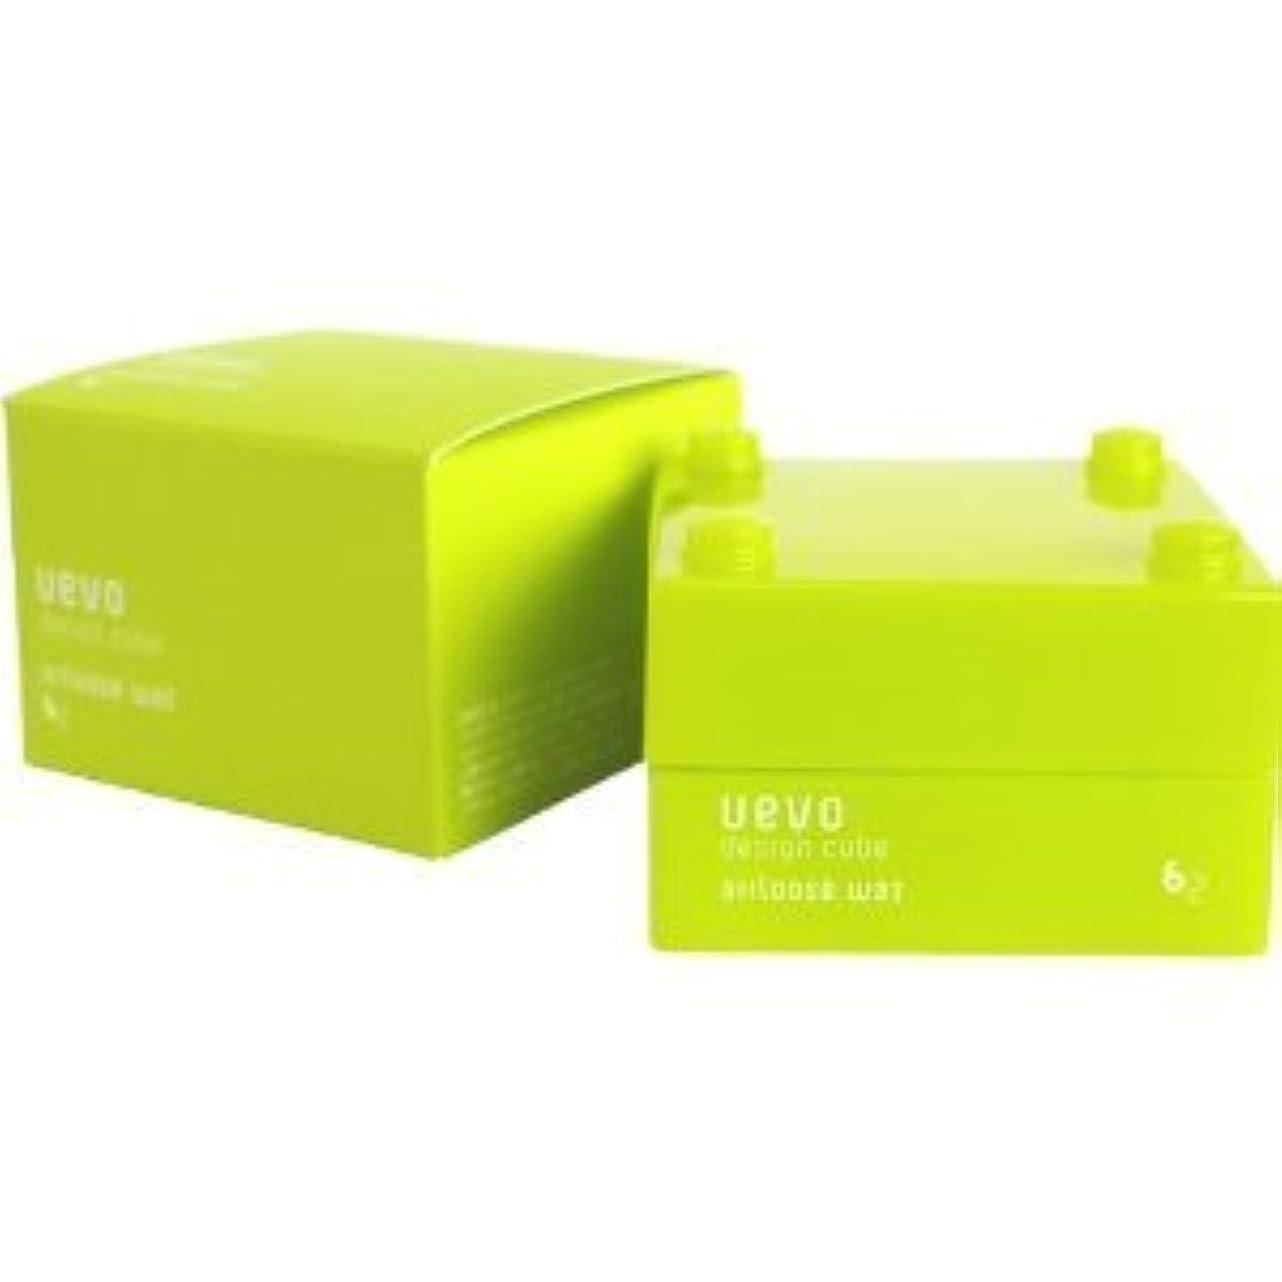 ピアースパン彼女の【X3個セット】 デミ ウェーボ デザインキューブ エアルーズワックス 30g airloose wax DEMI uevo design cube